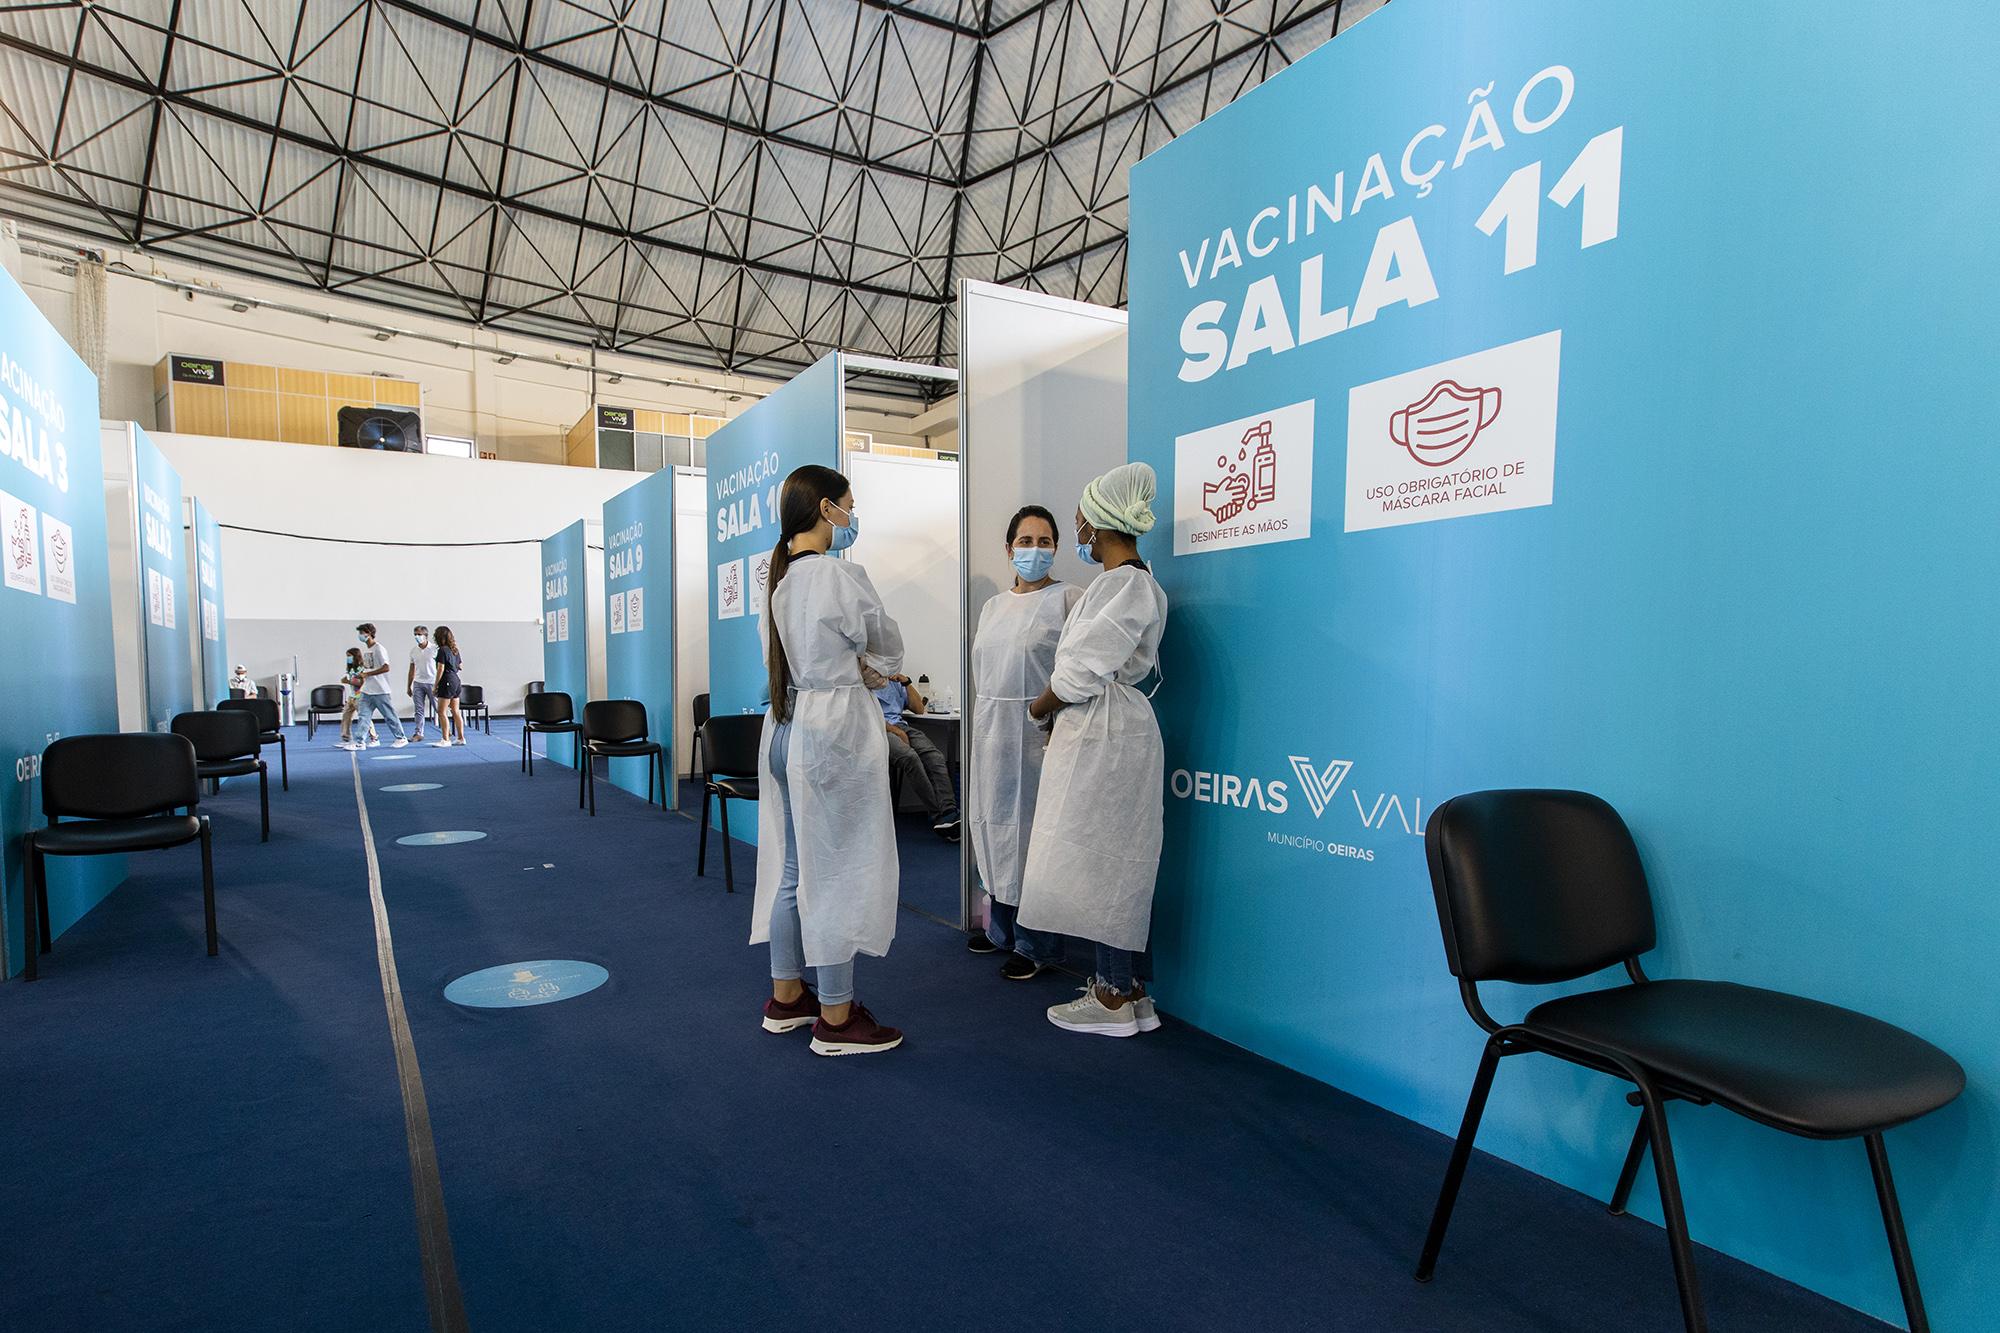 Centro de Vacinação de Oeiras - 09SET21